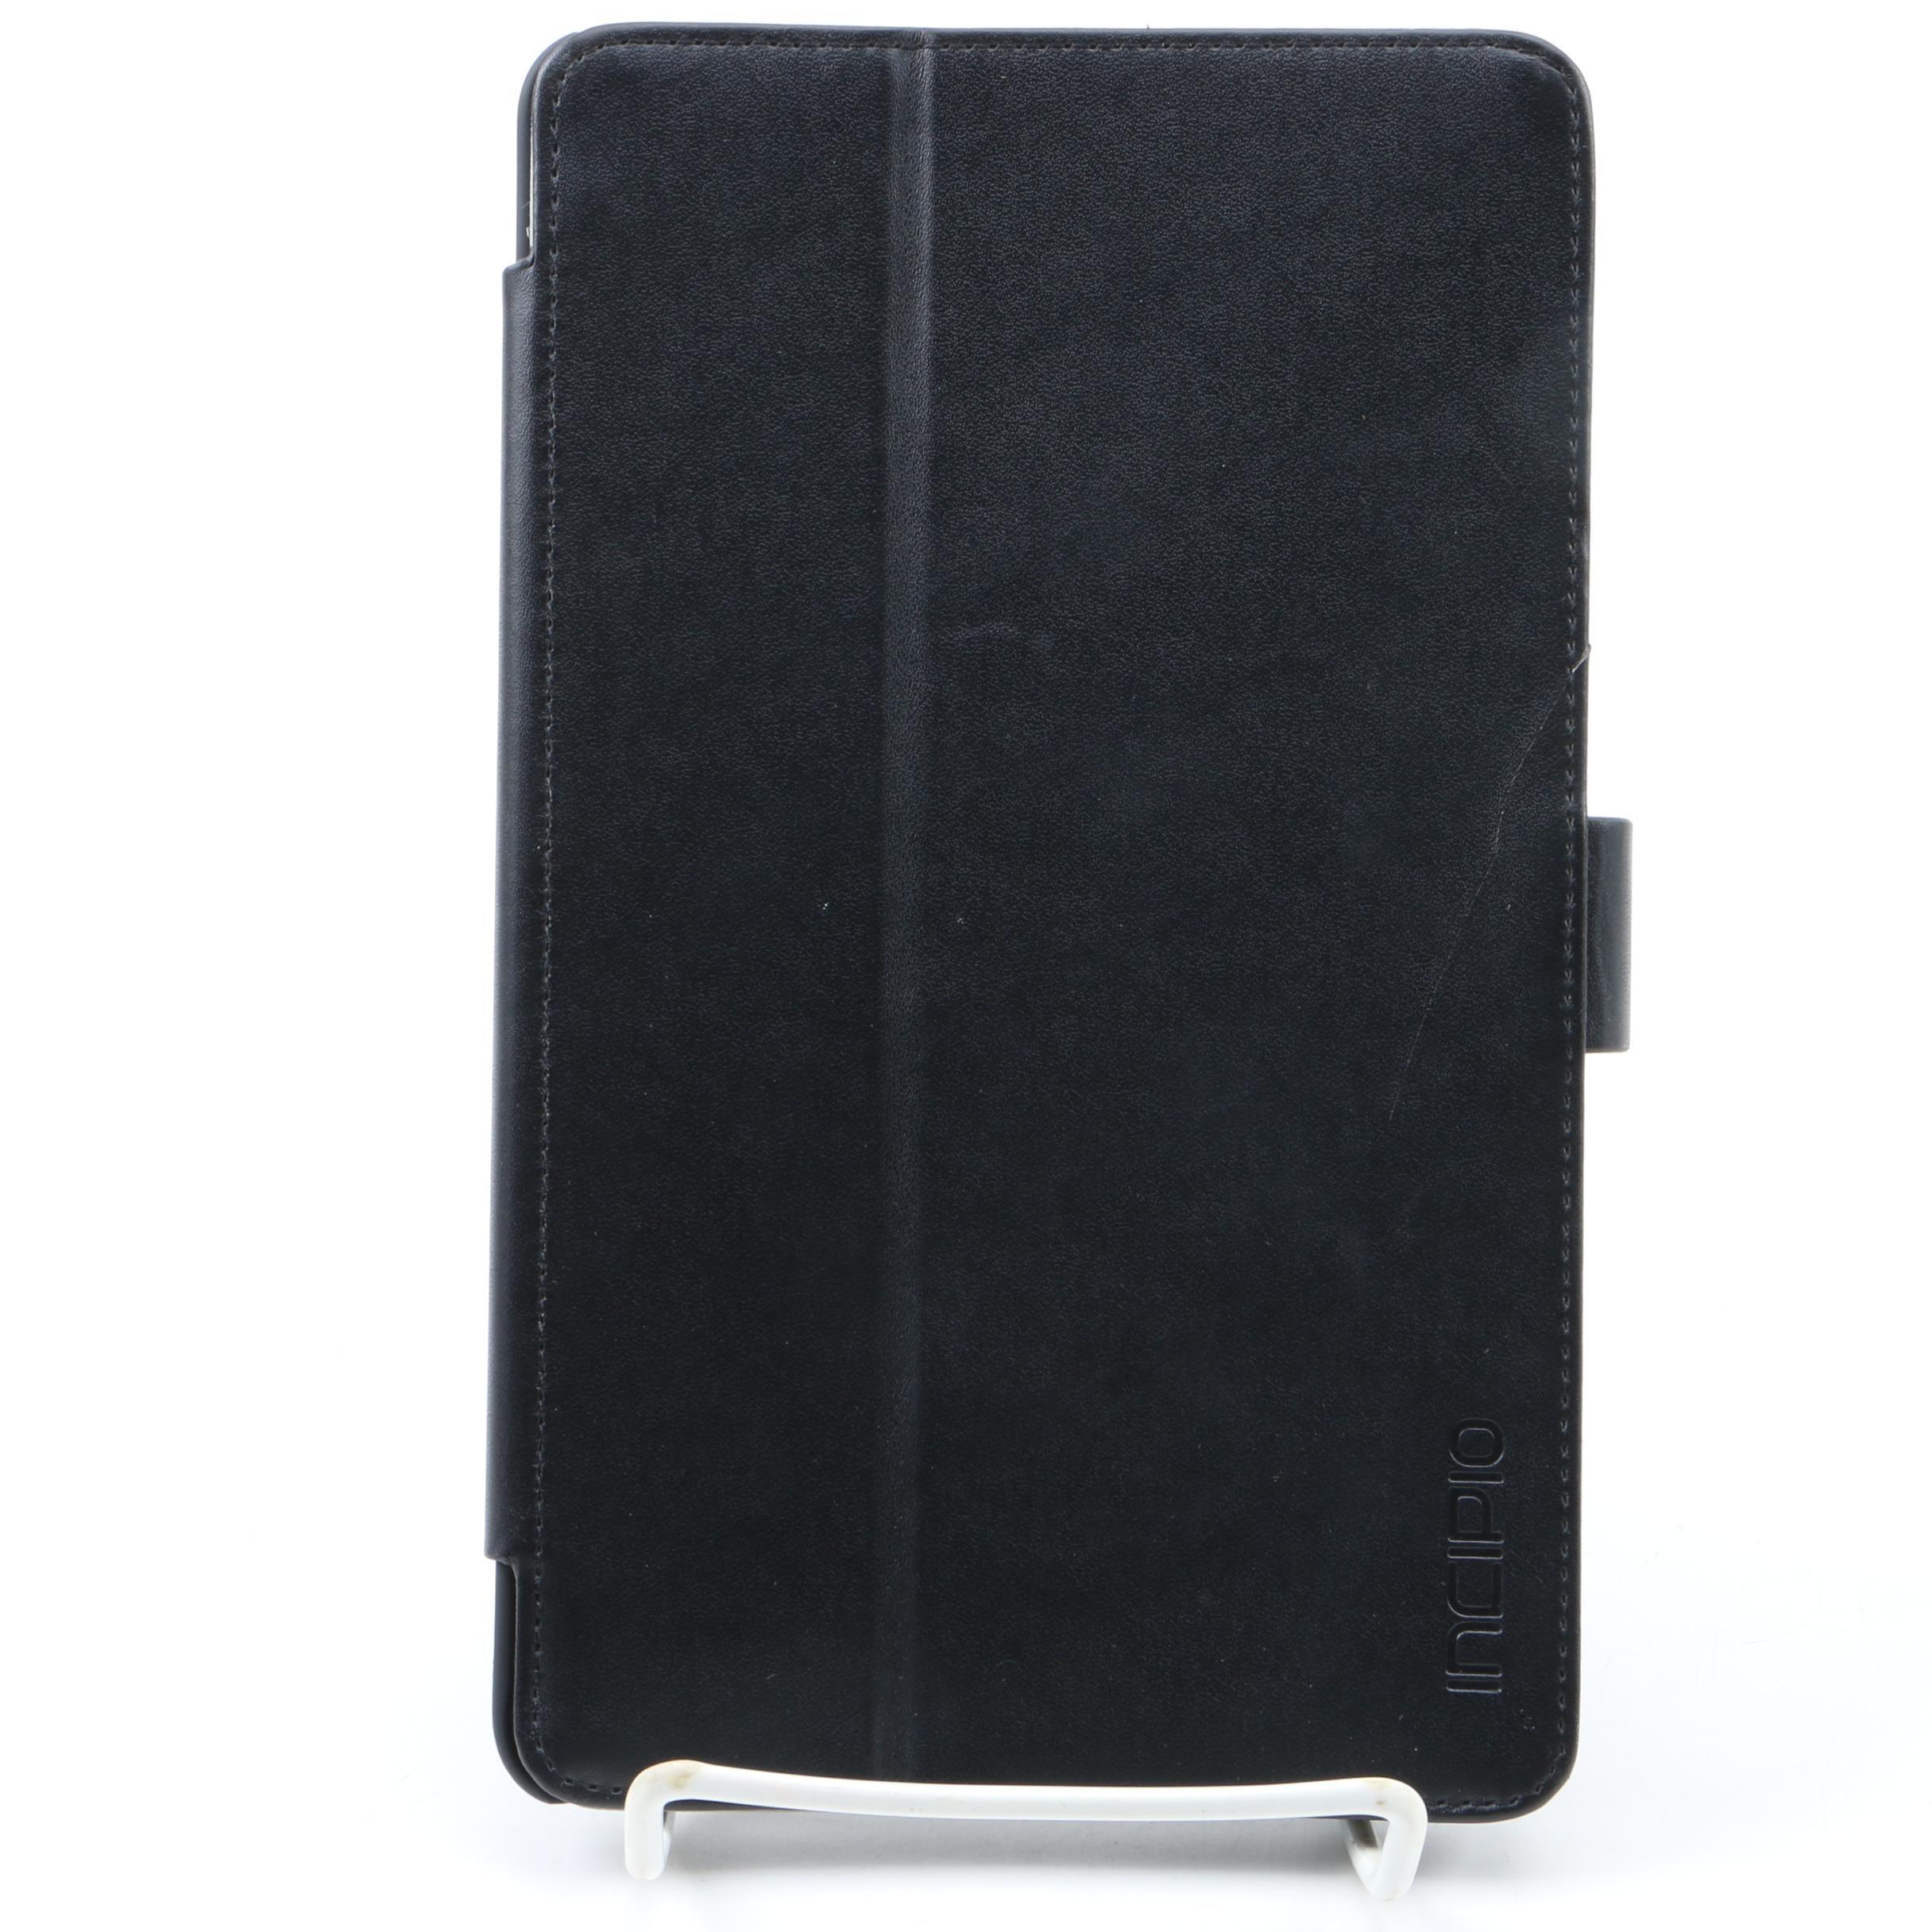 Incipio Tablet Case